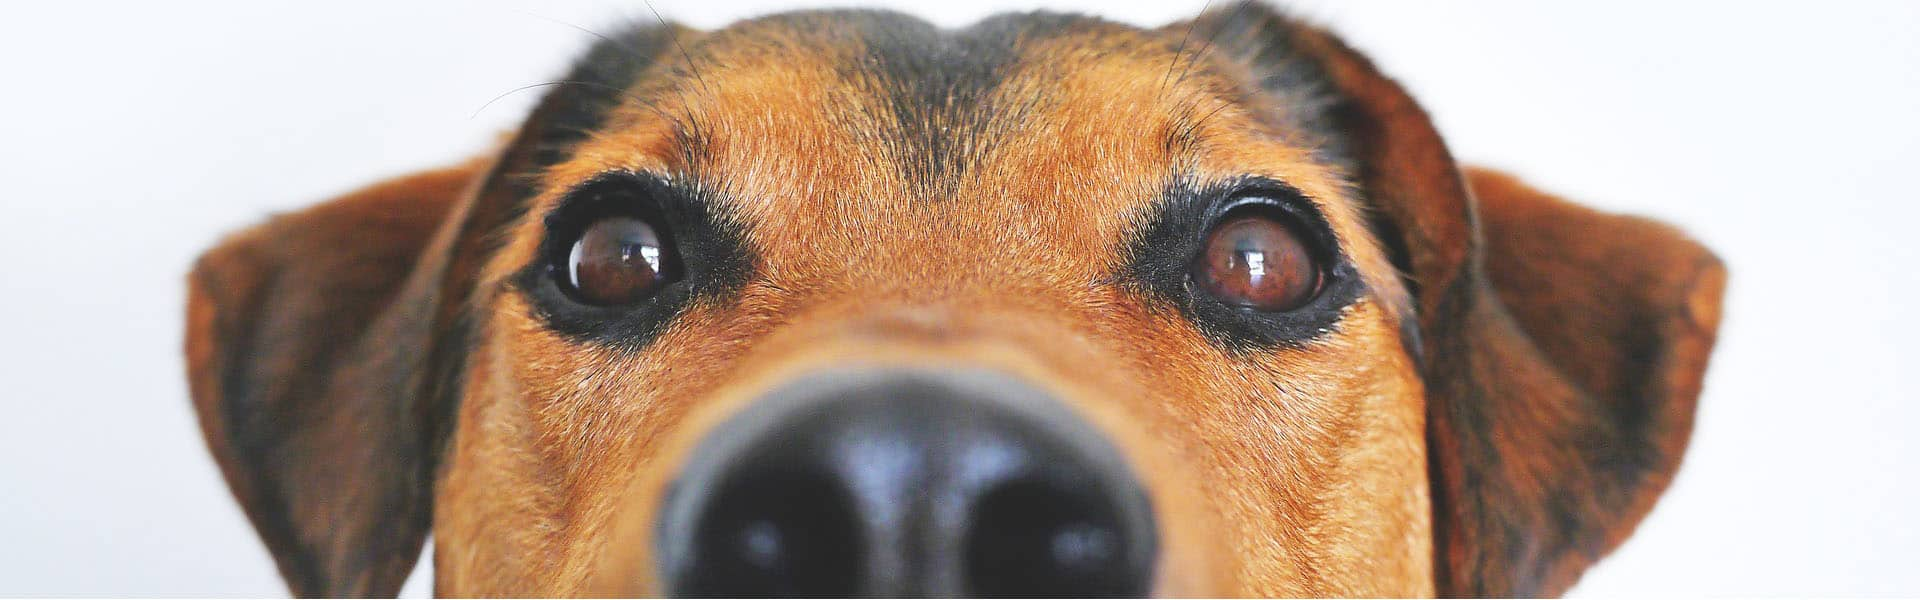 Ψυχολογία Σκύλων - Άρθρα